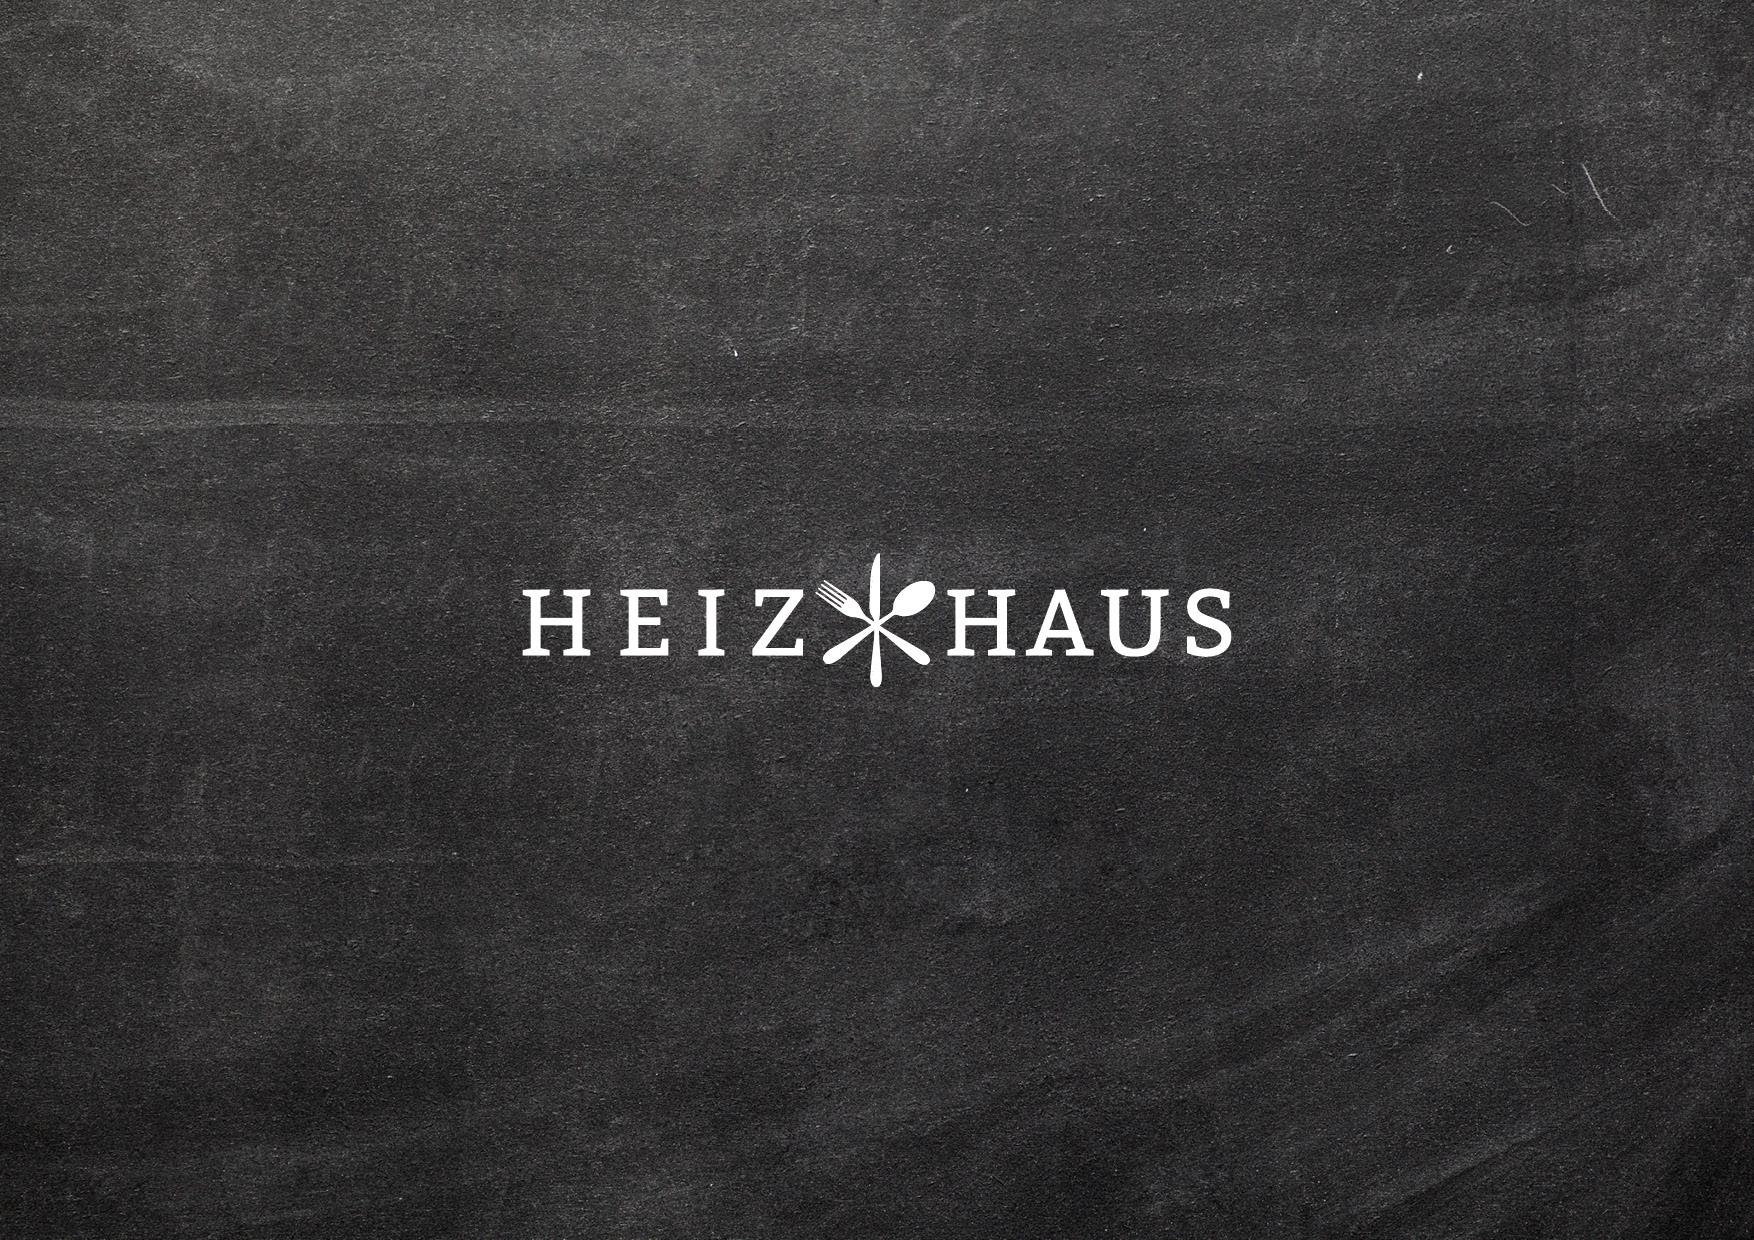 HEIZHAUS VILLACH